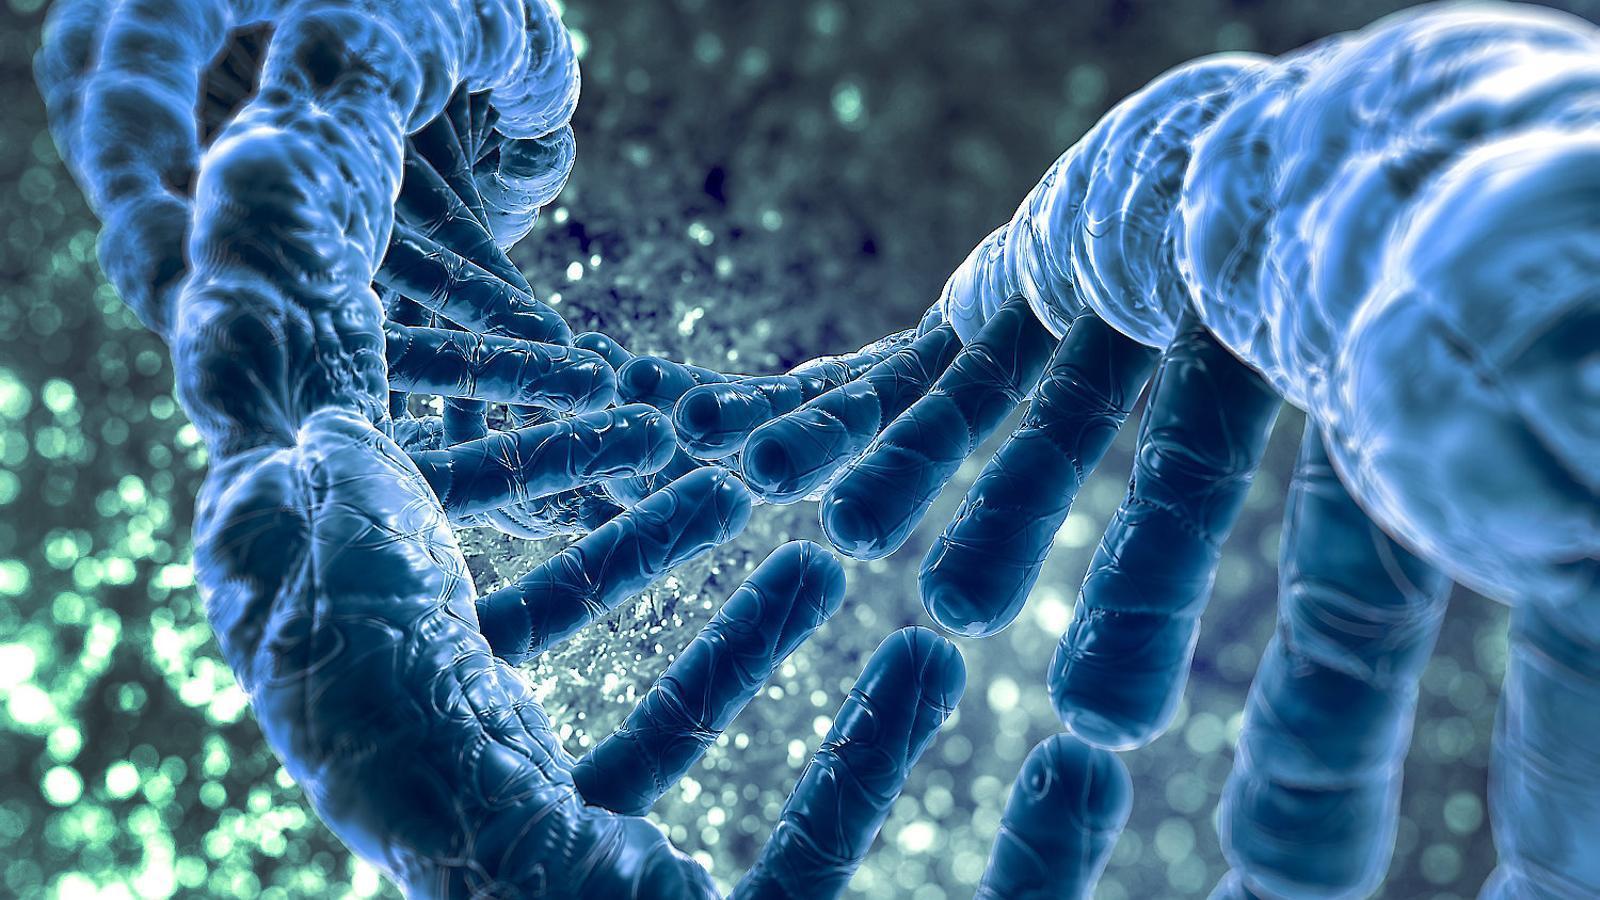 Les cèl·lules es resisteixen a la manipulació genètica